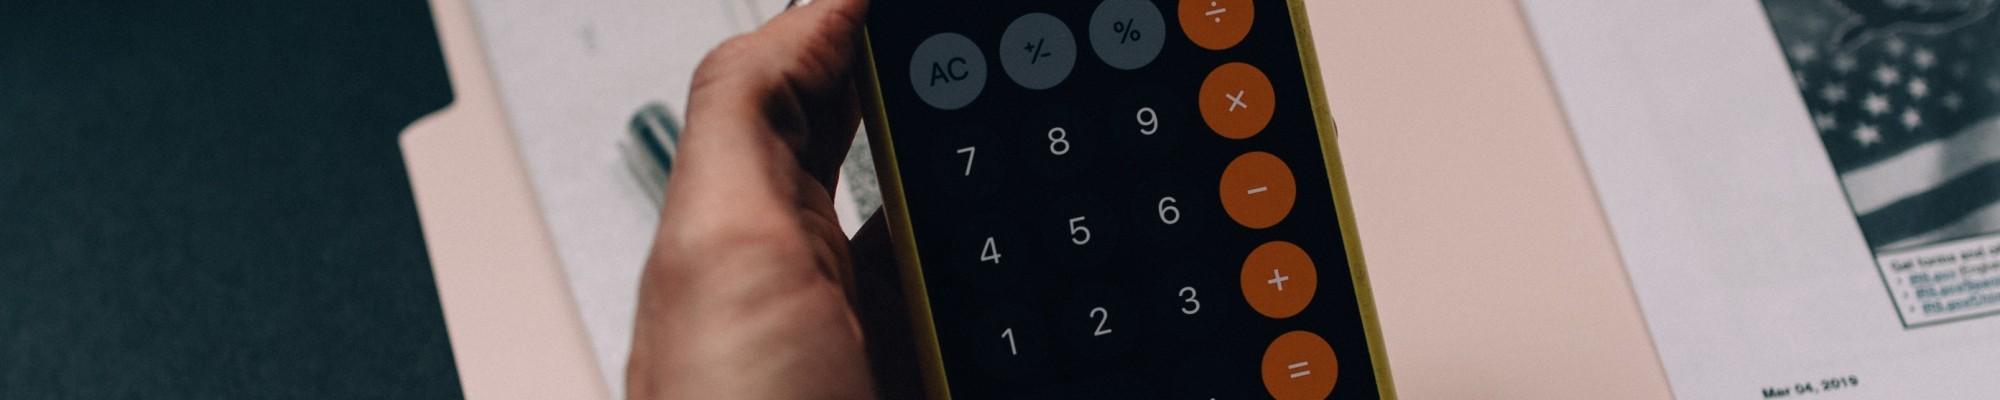 E-rēķini un to ieviešana Latvijā